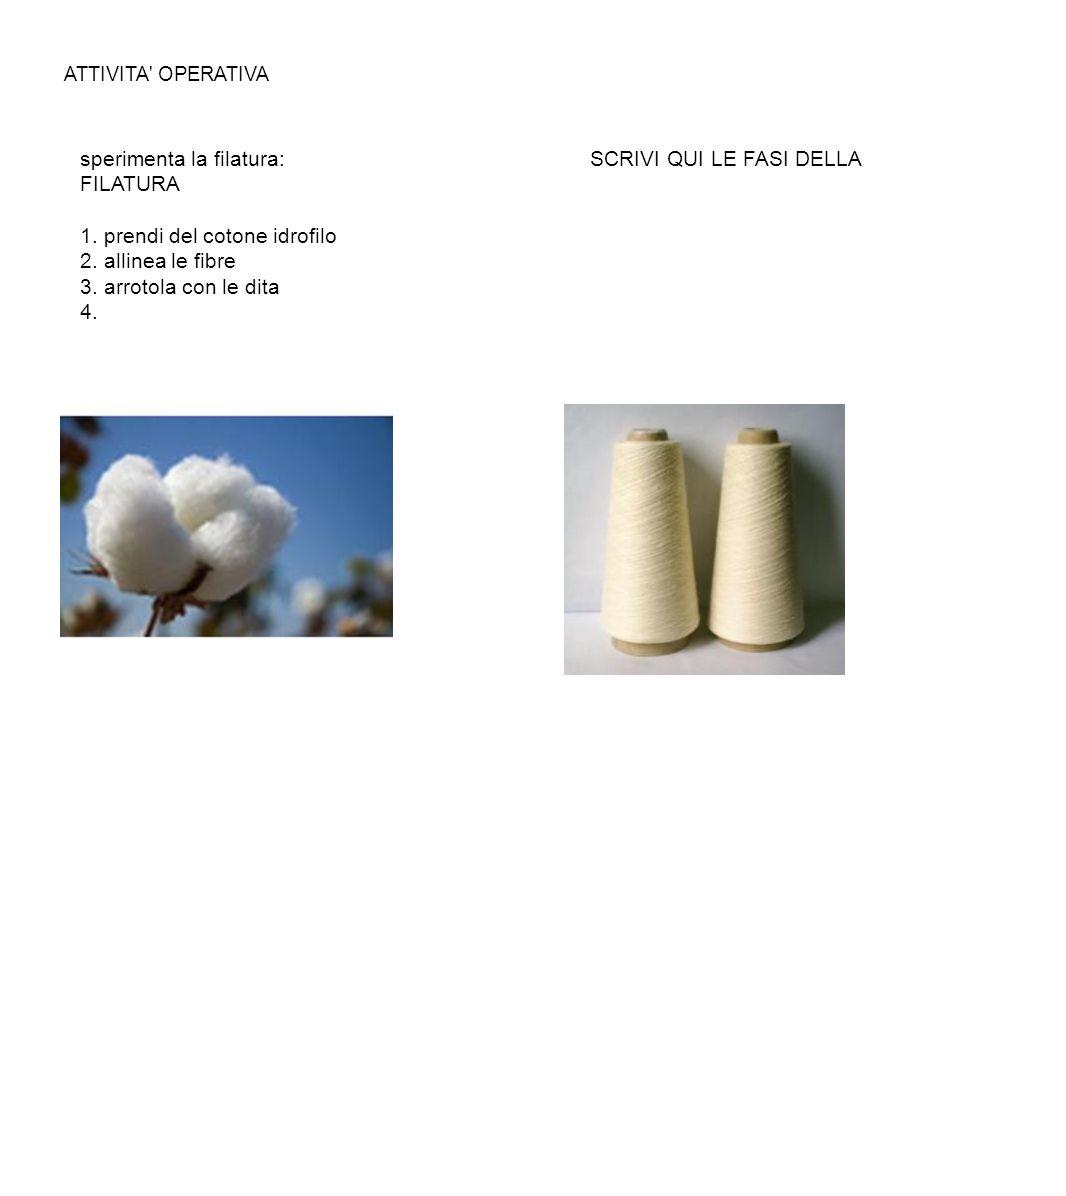 ATTIVITA' OPERATIVA sperimenta la filatura: SCRIVI QUI LE FASI DELLA FILATURA 1. prendi del cotone idrofilo 2. allinea le fibre 3. arrotola con le dit